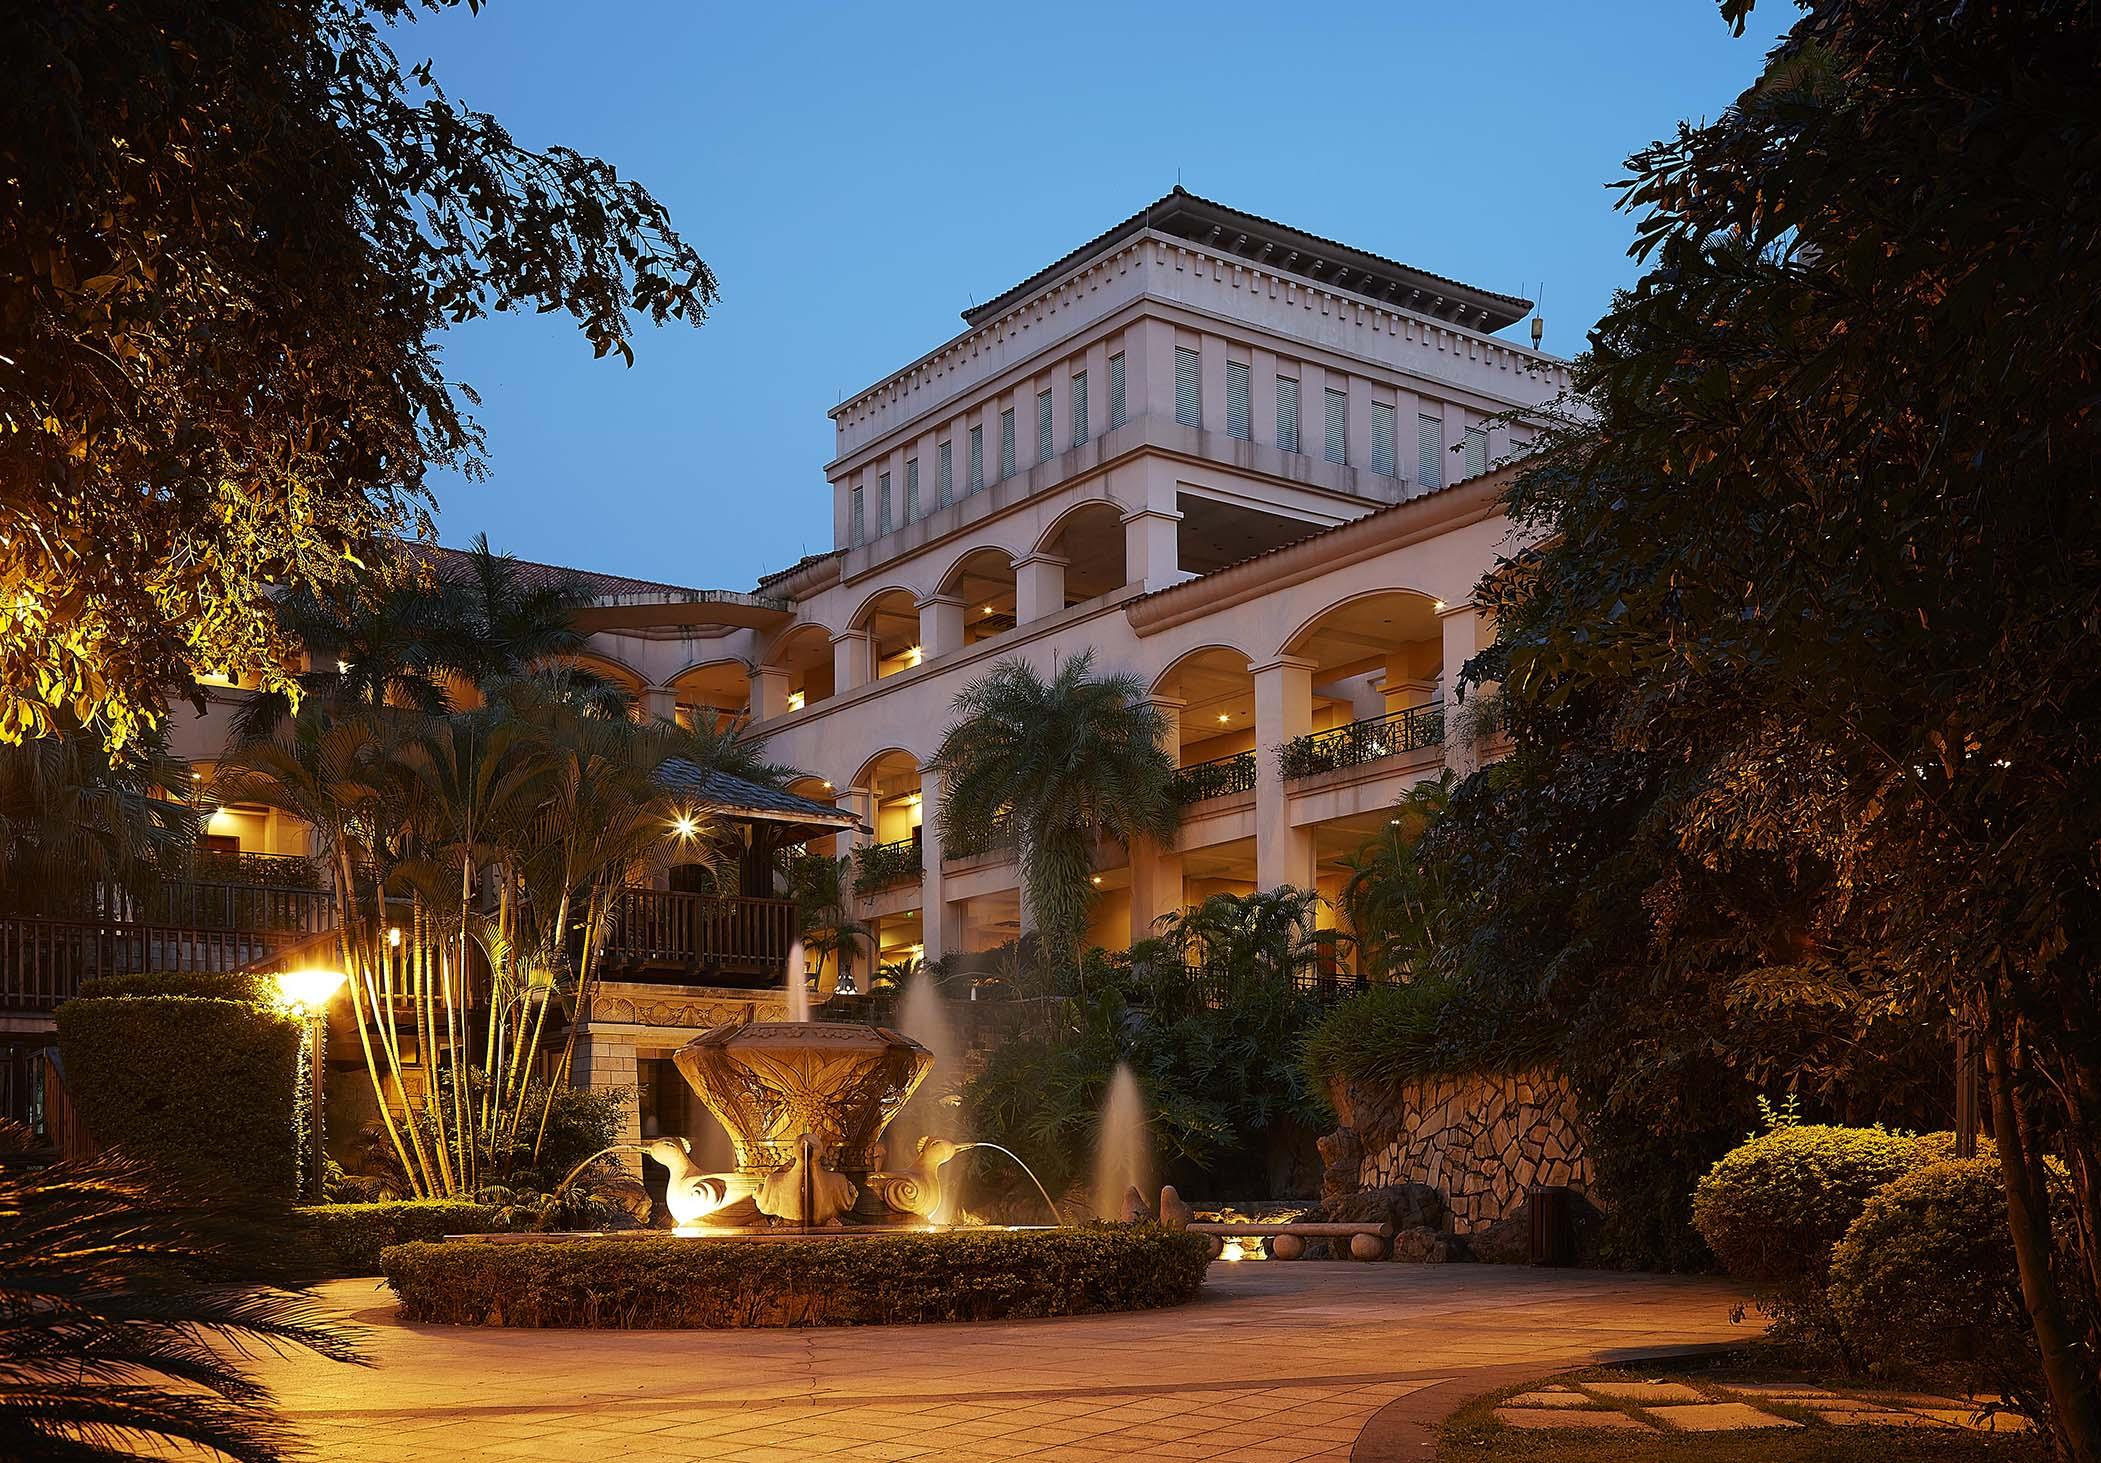 东莞峰景高尔夫酒店内外景拍摄